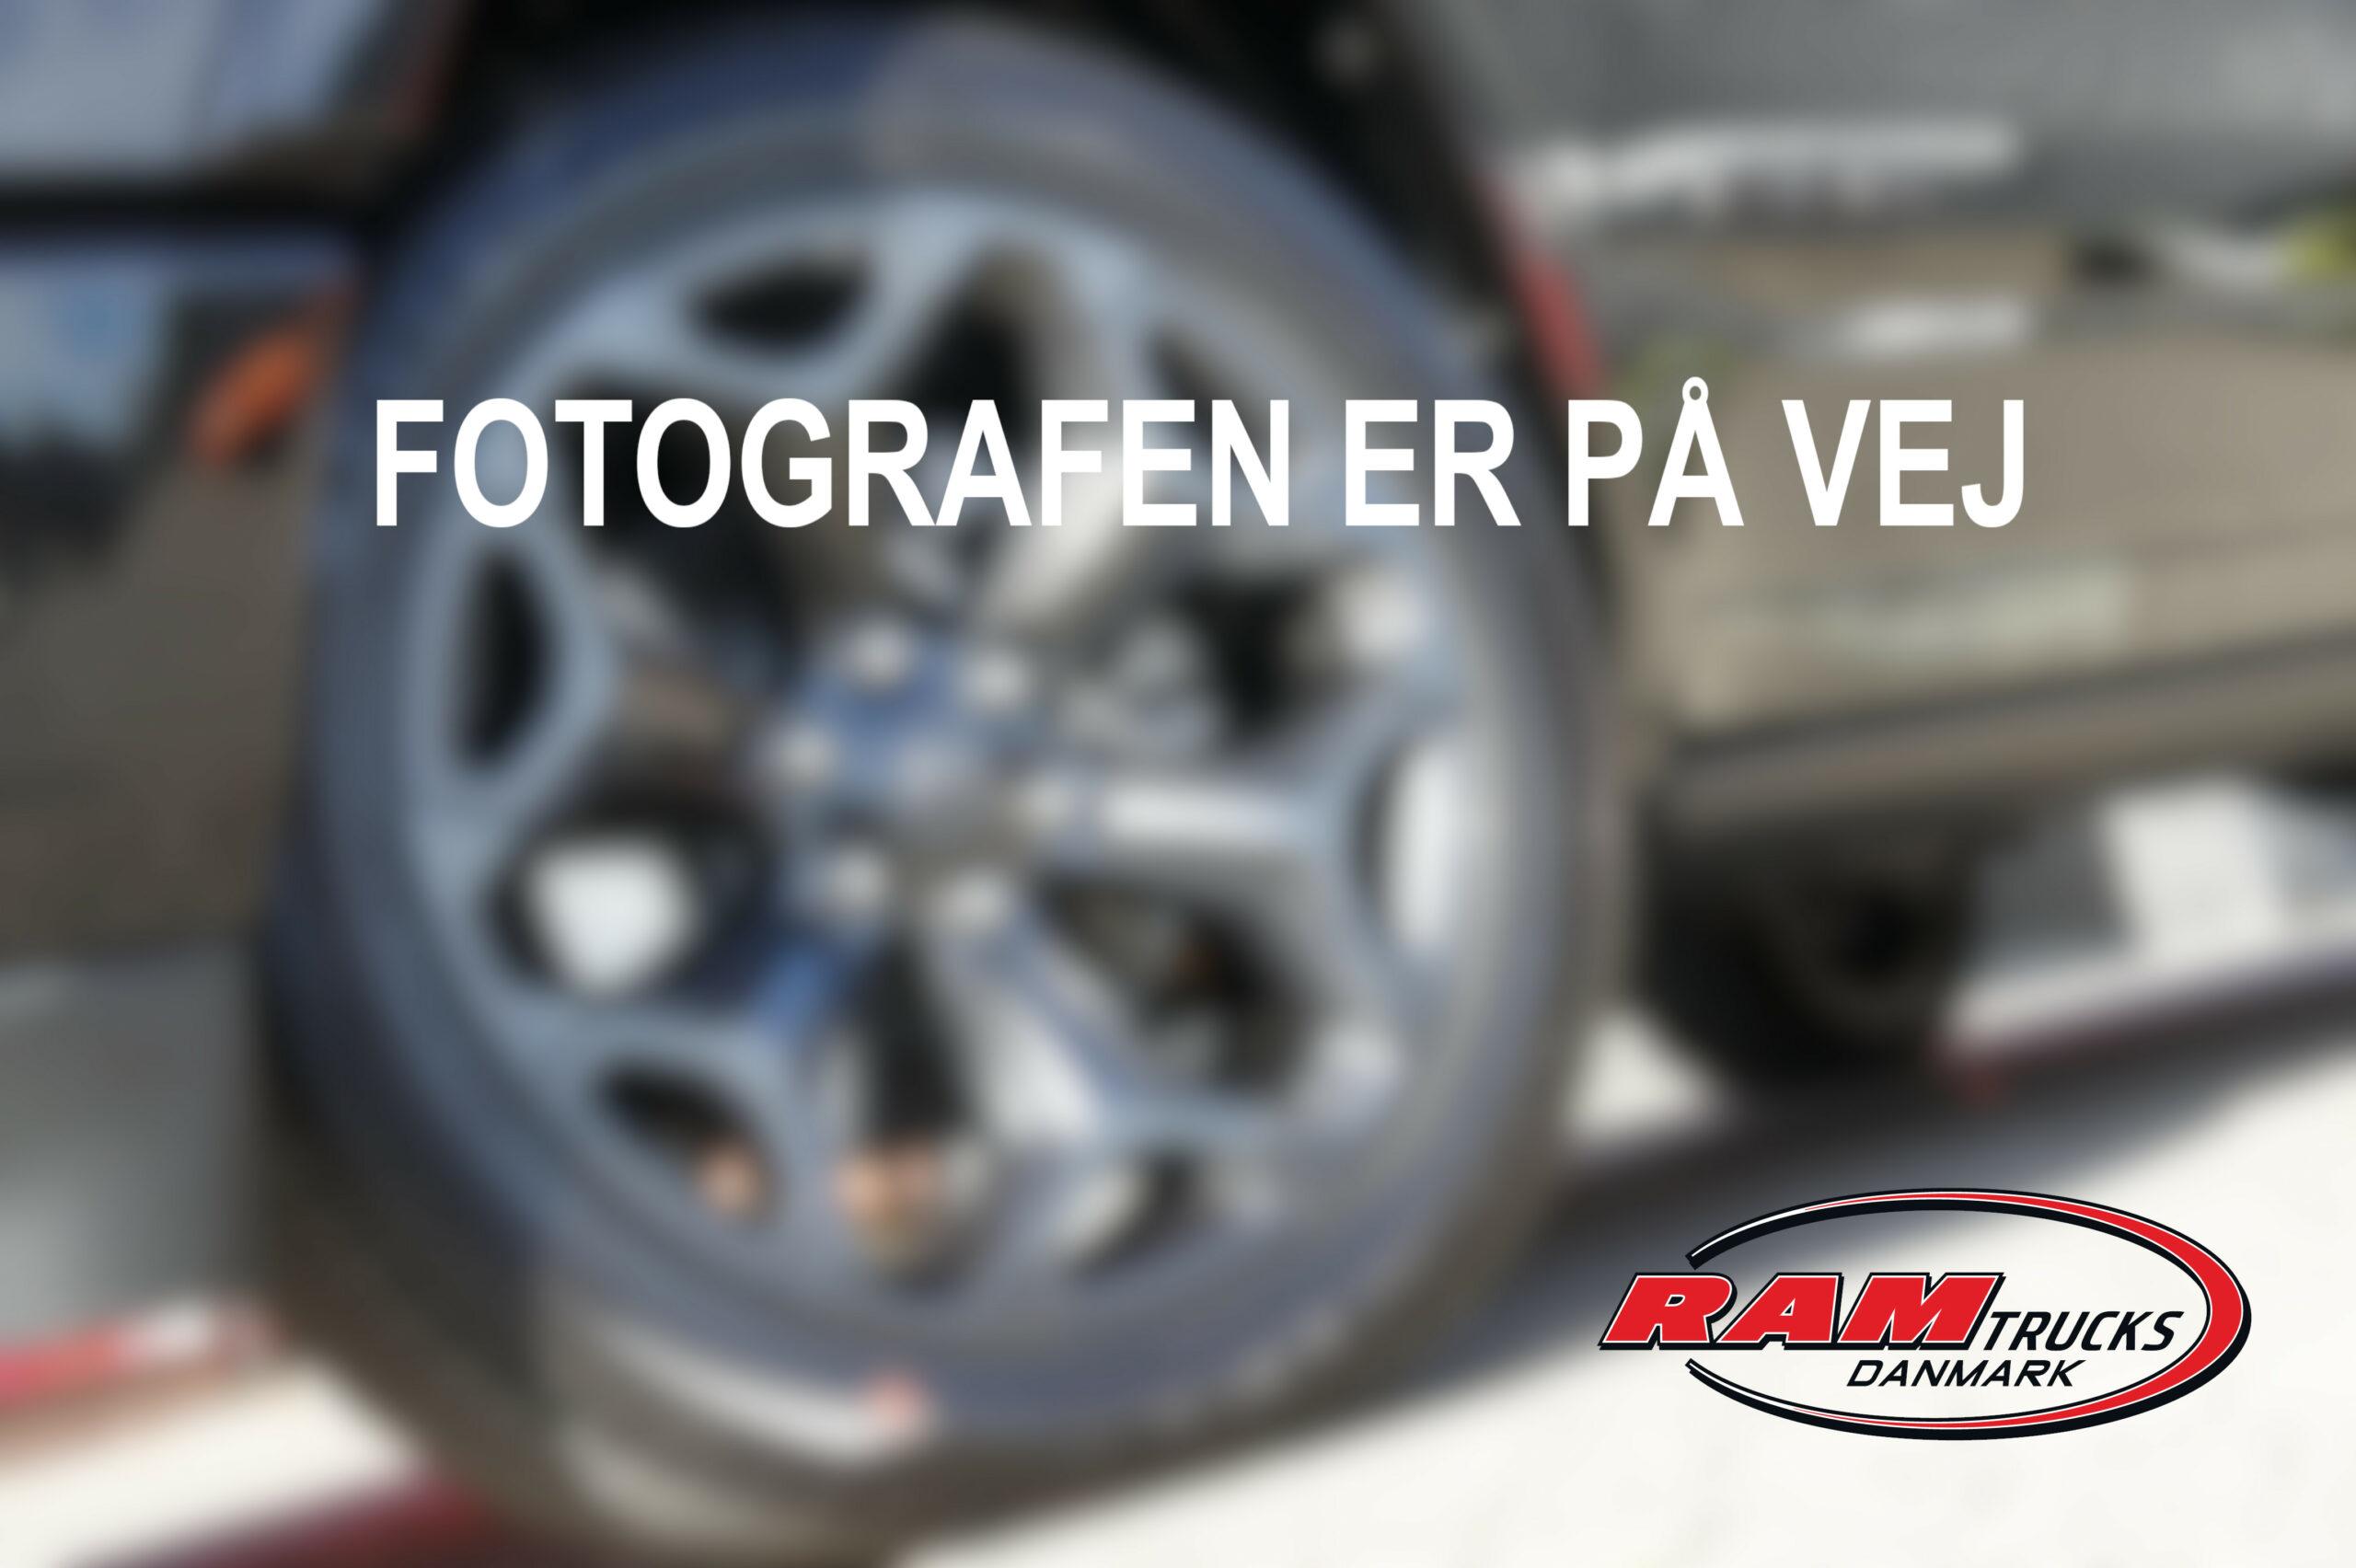 002 FOTOGRAFEN ER PÅ VEJ MED LOGO